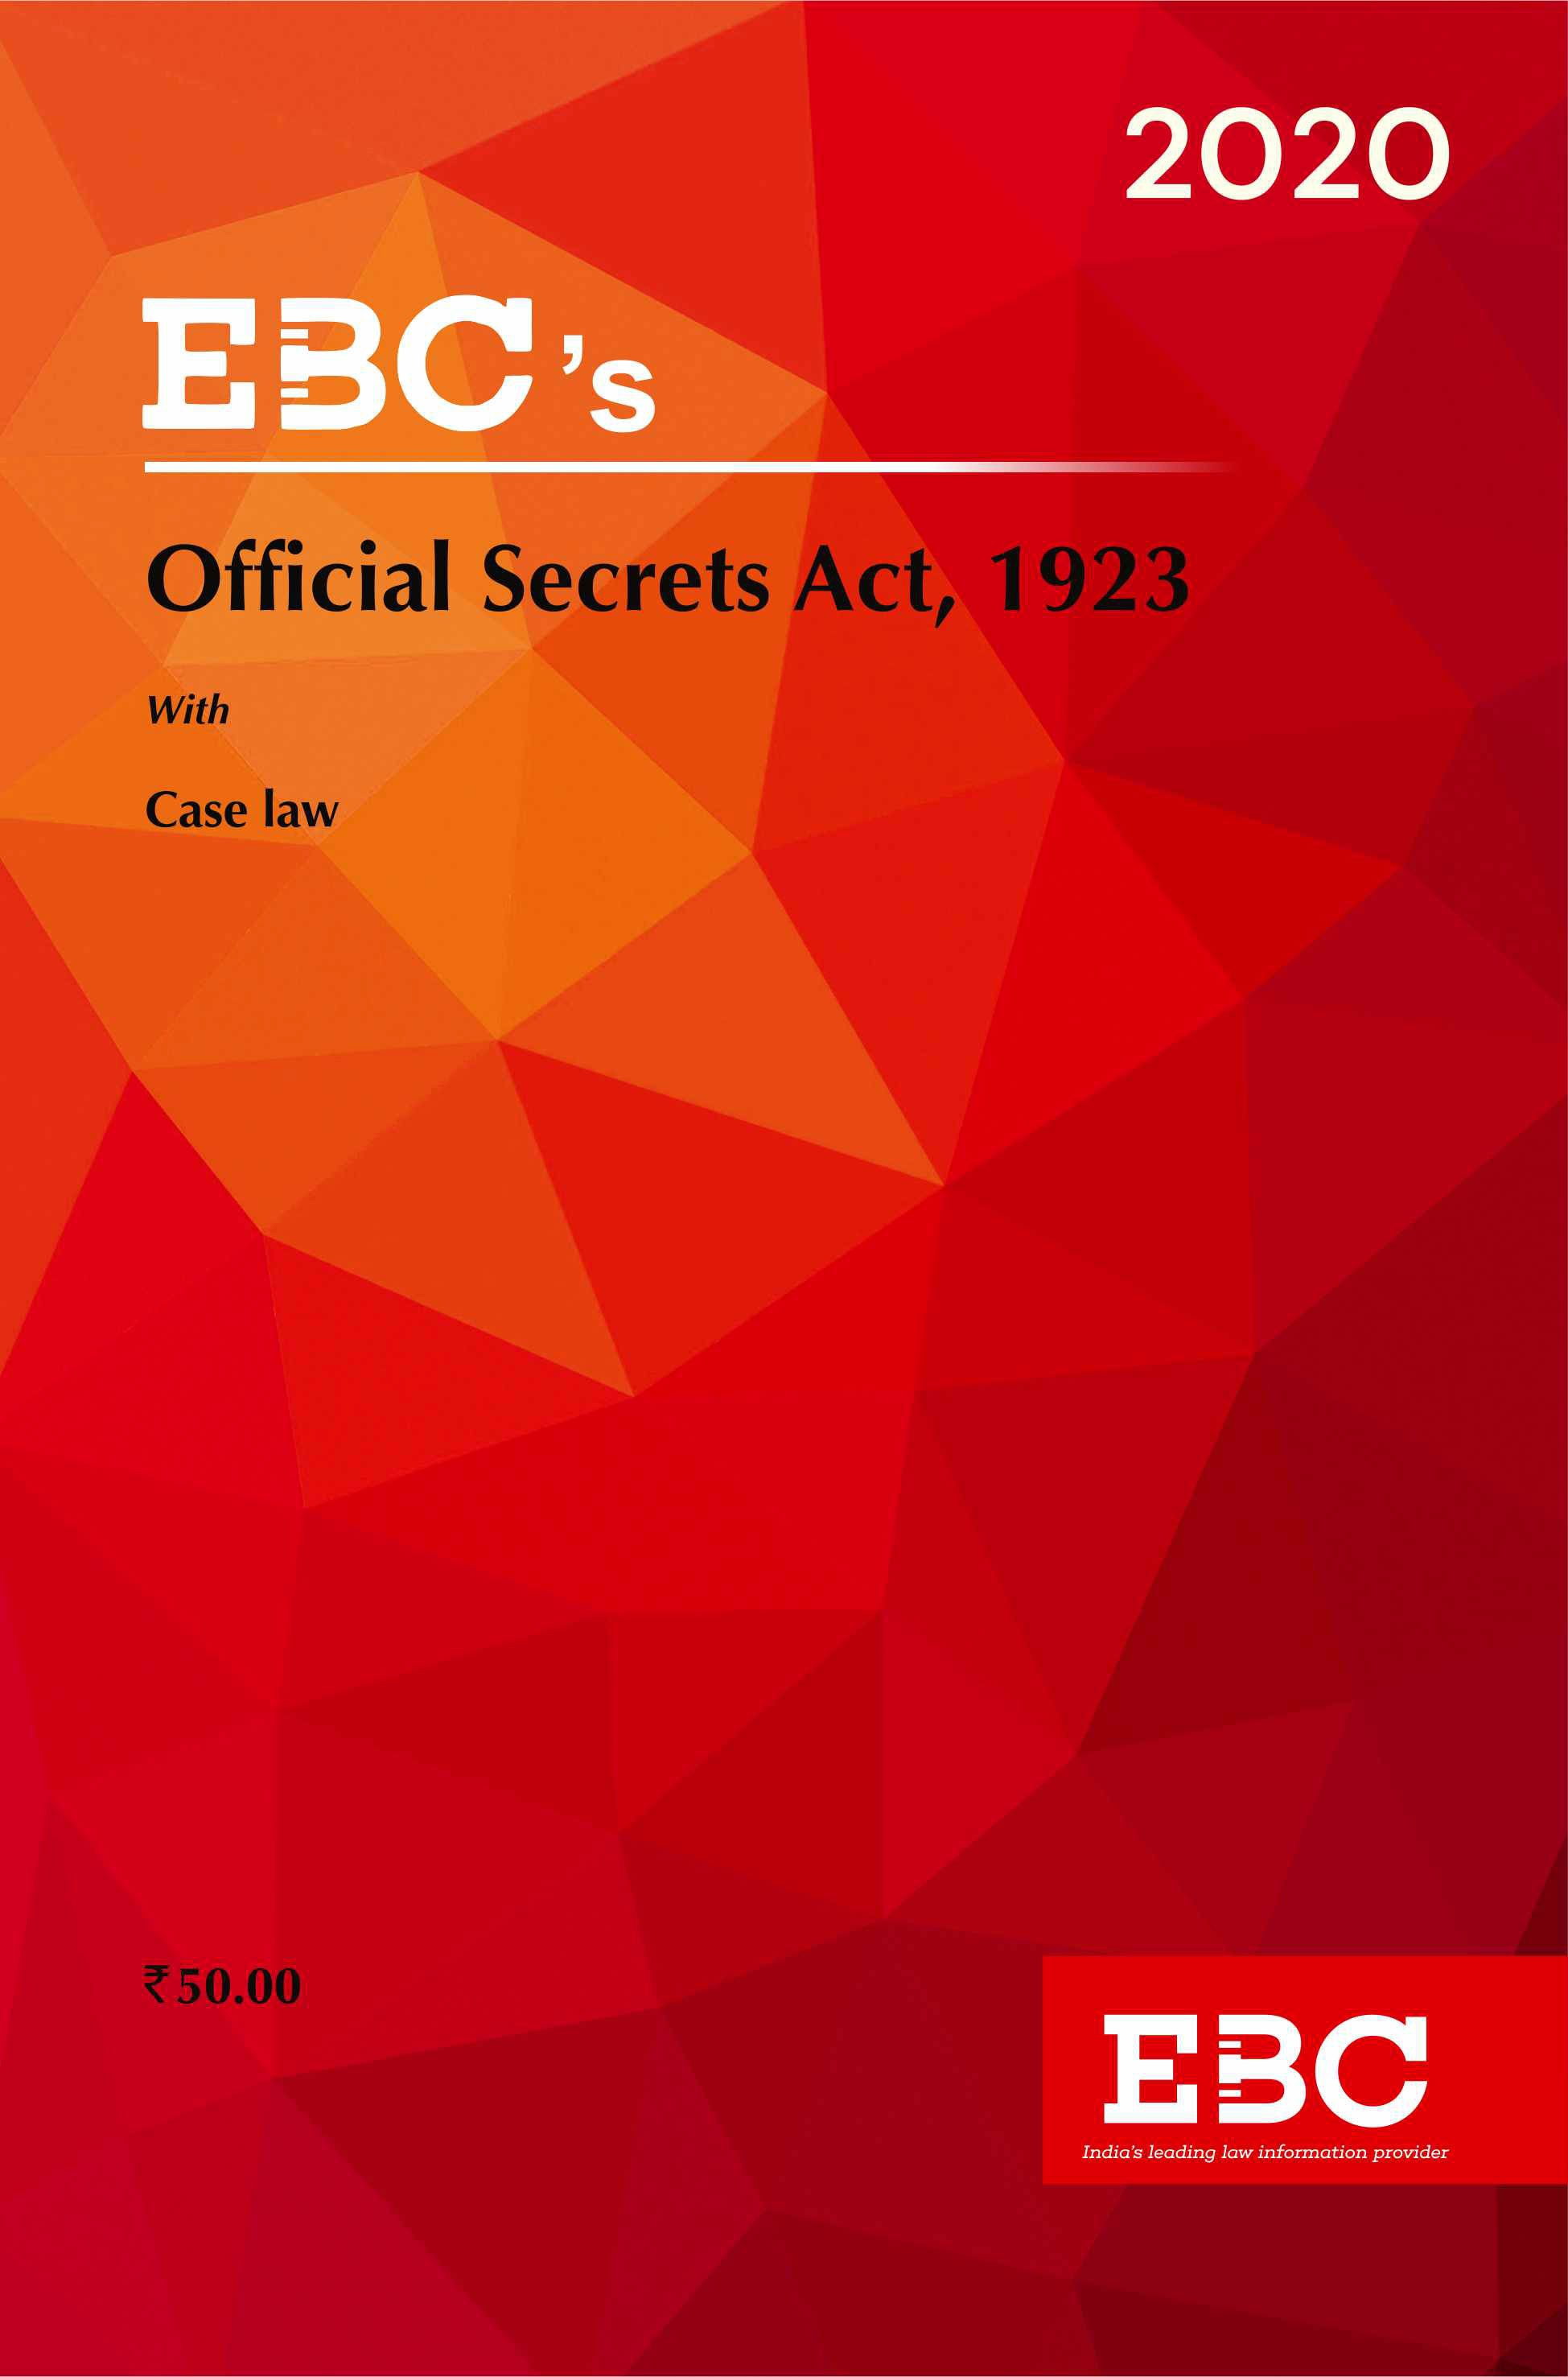 Official Secrets Act, 1923